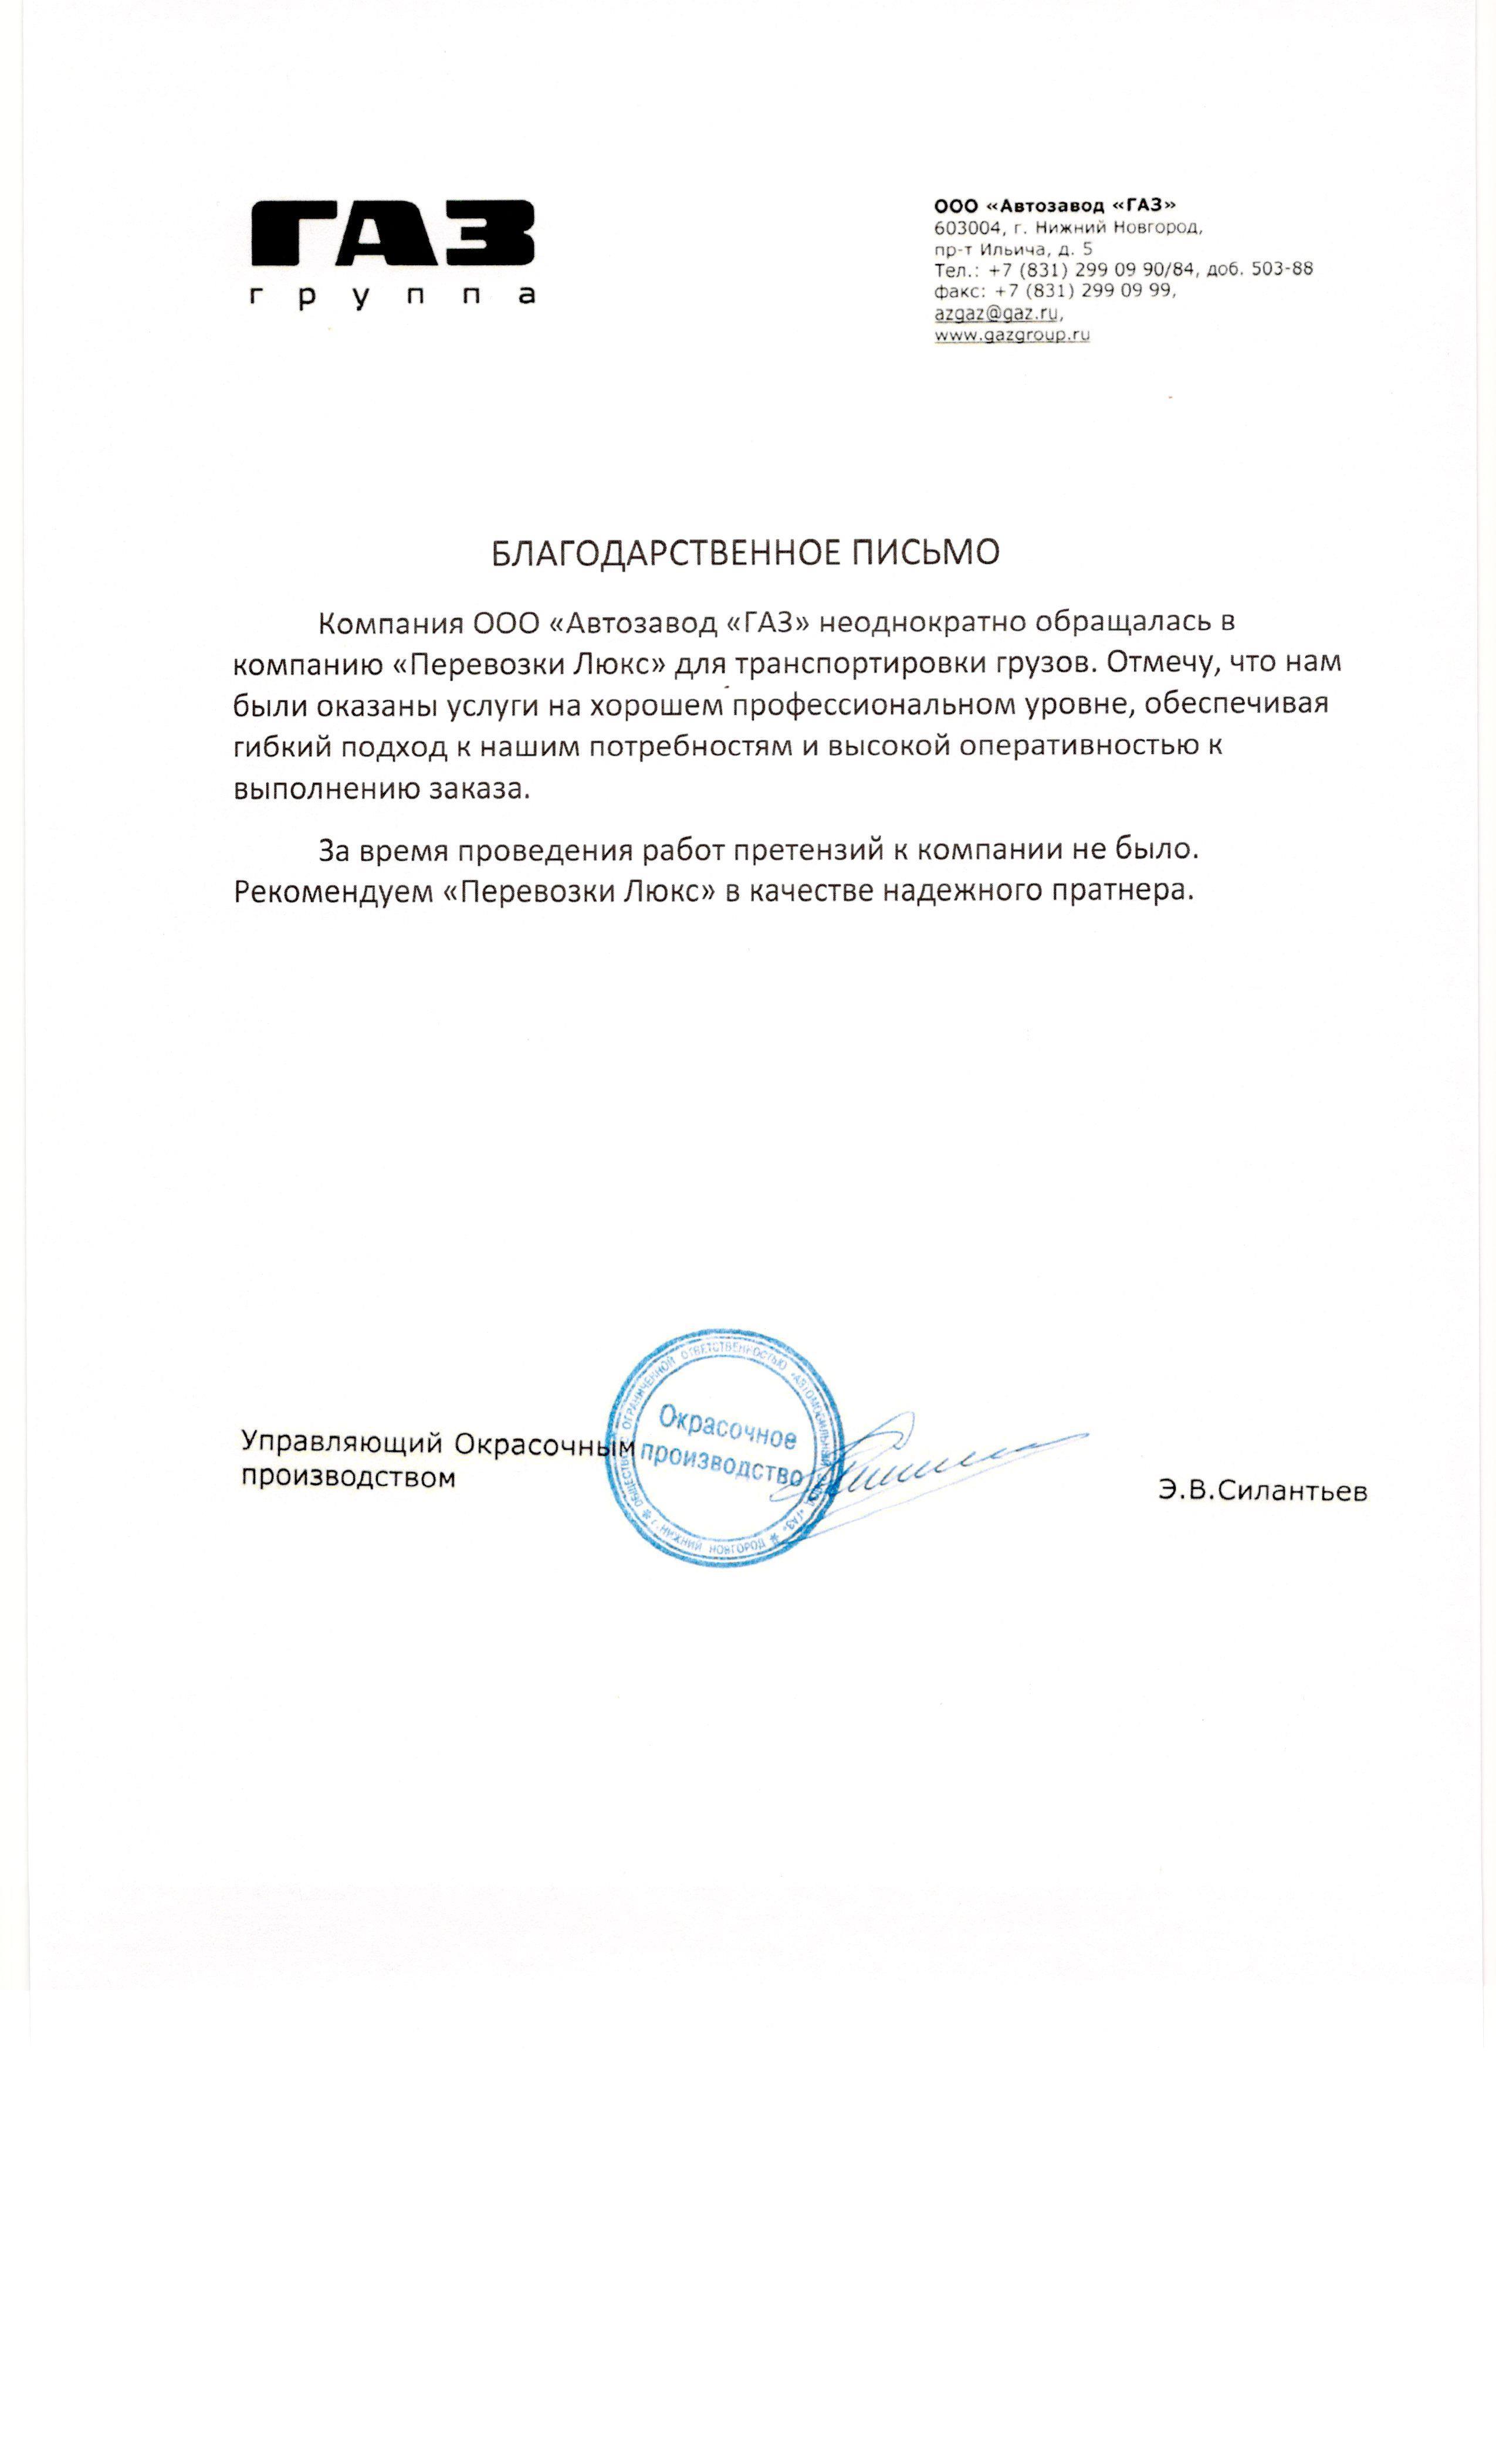 ООО Автозавод ГАЗ